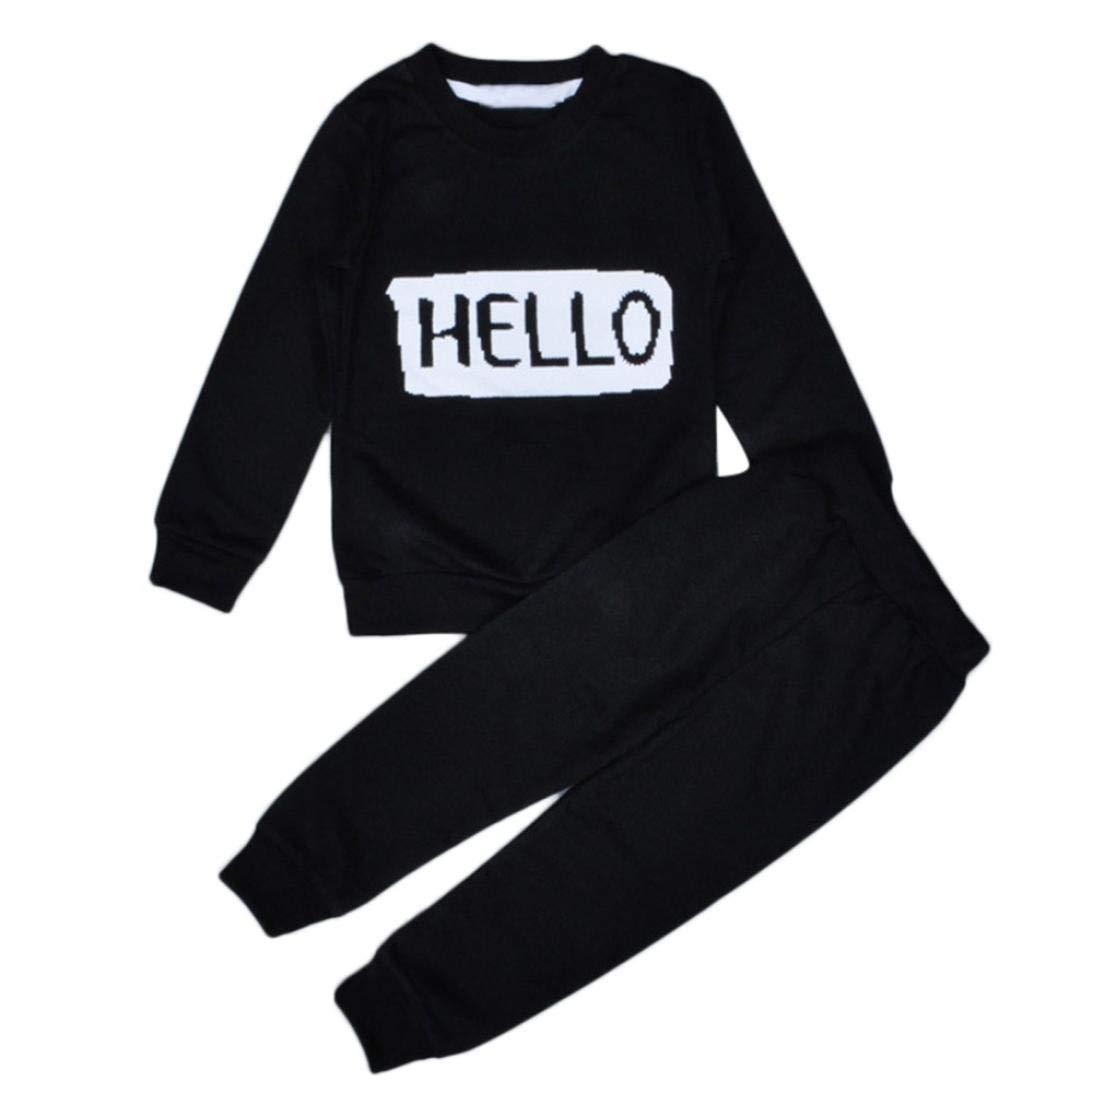 Bambino Abbigliamento Elegante Body Bimbo 24 Mesi Bambina 18 Mesi Abbigliamento  Bambini Baby Girls Ragazzi Vestito Vestiti Manica Lunga T-Shirt Top + ... af704640133